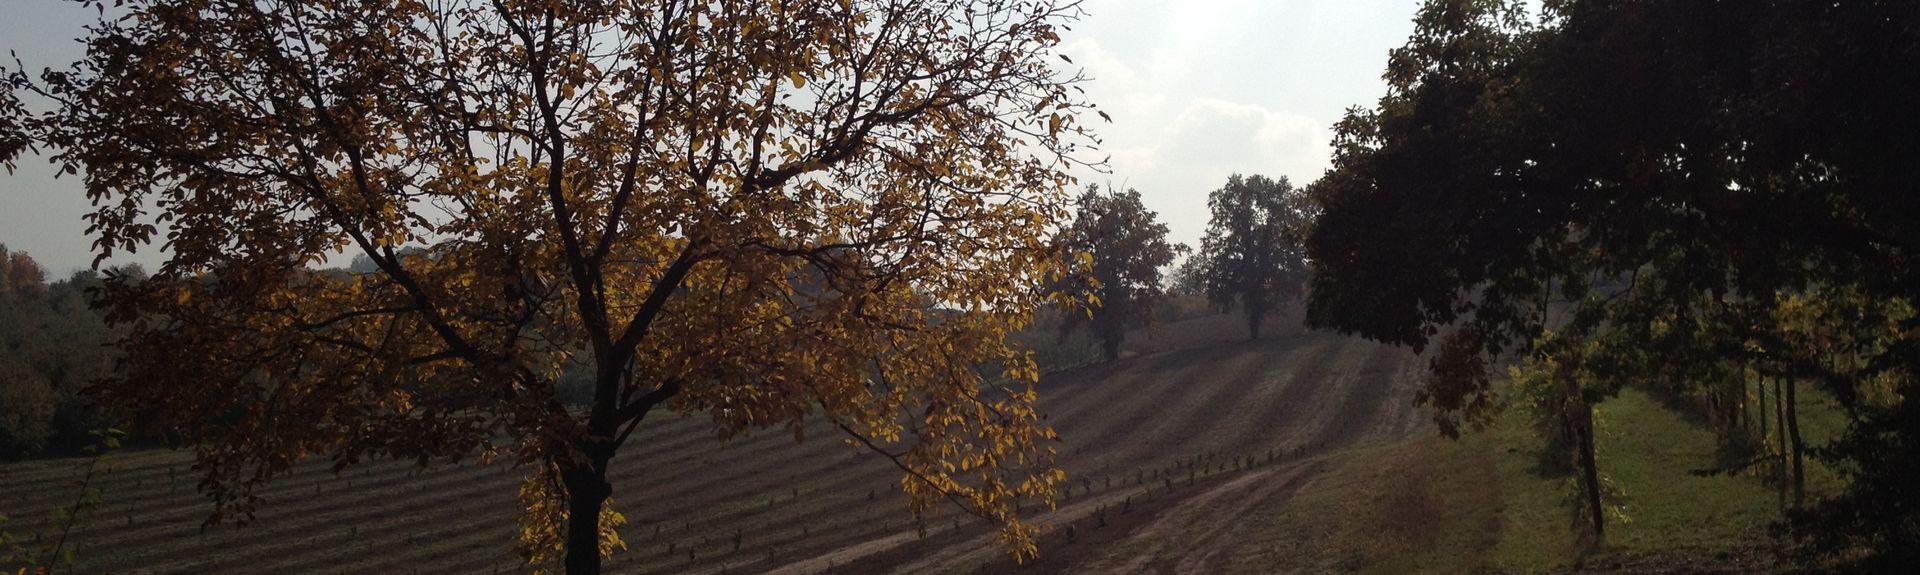 Neive, Cuneo, Piedmont, Italy